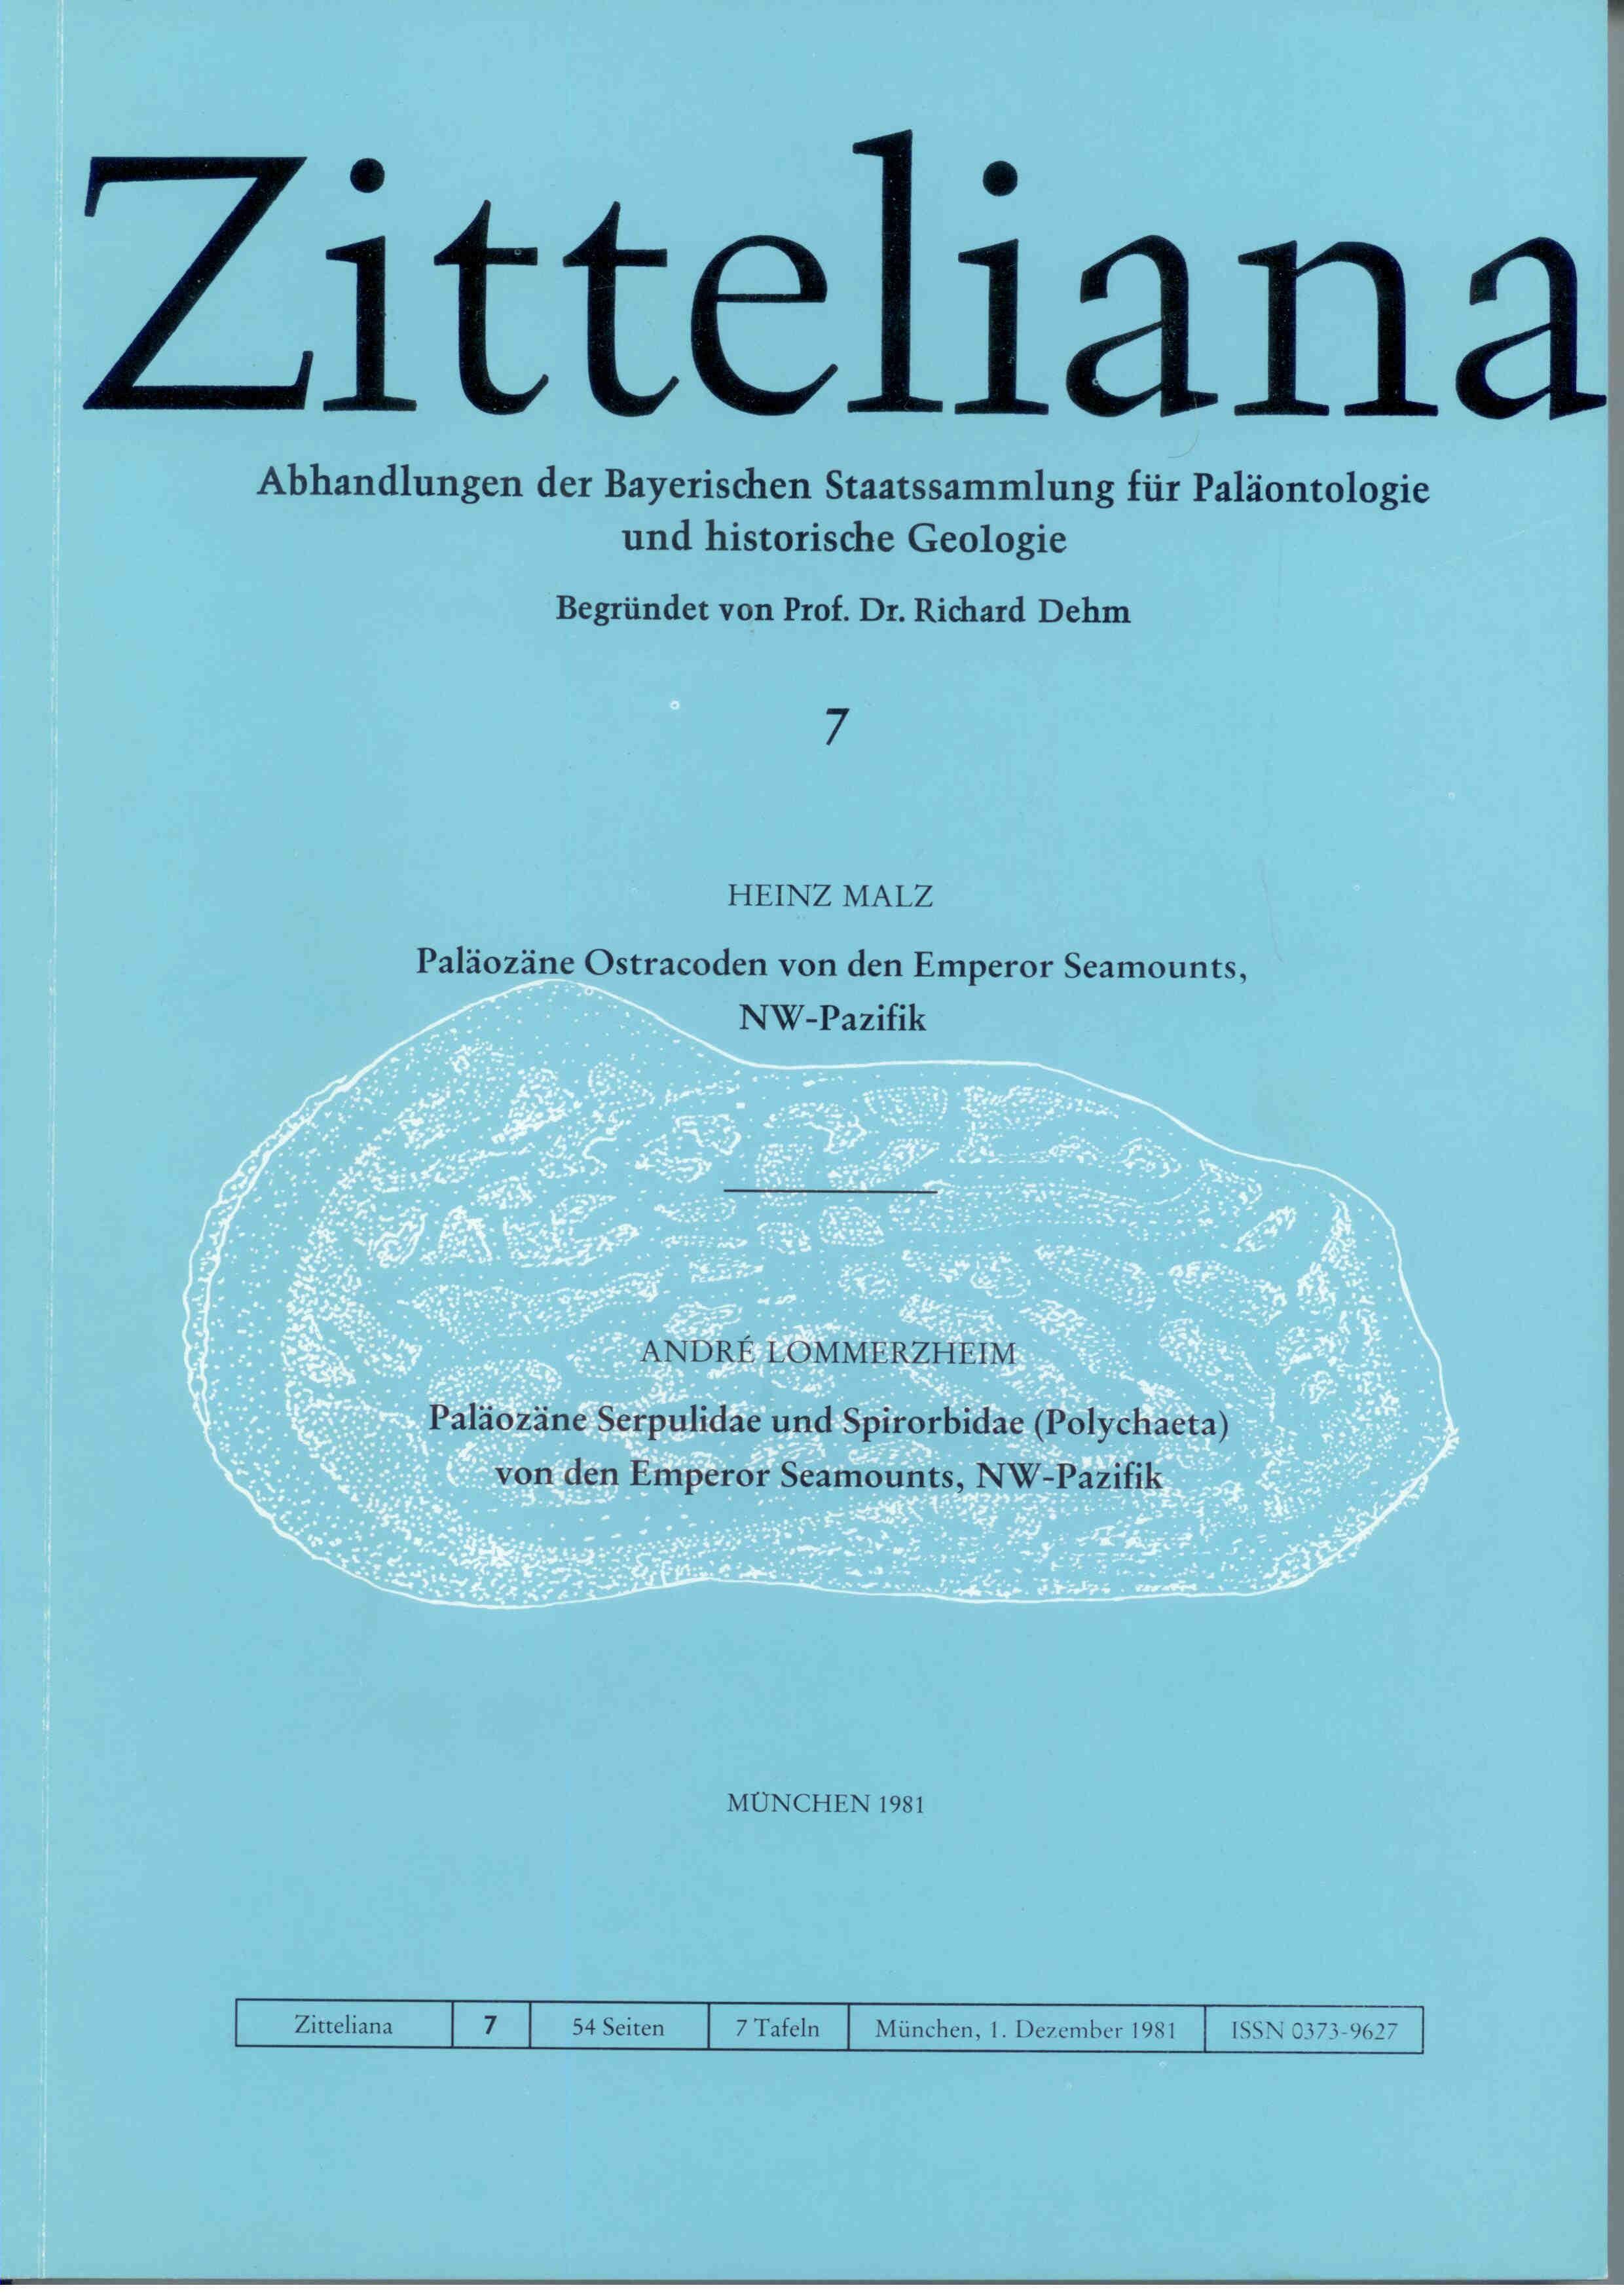 Malz H., Lommerzheim A.: Paläozäne Ostracoden von den Emperor Seamounts, NW-Pazifik. Paläozäne Serpulidae und Spirobidae (Polychaeta) von den Emperor Seamounts, NW-Pazifik.  ZITTELIANA 7